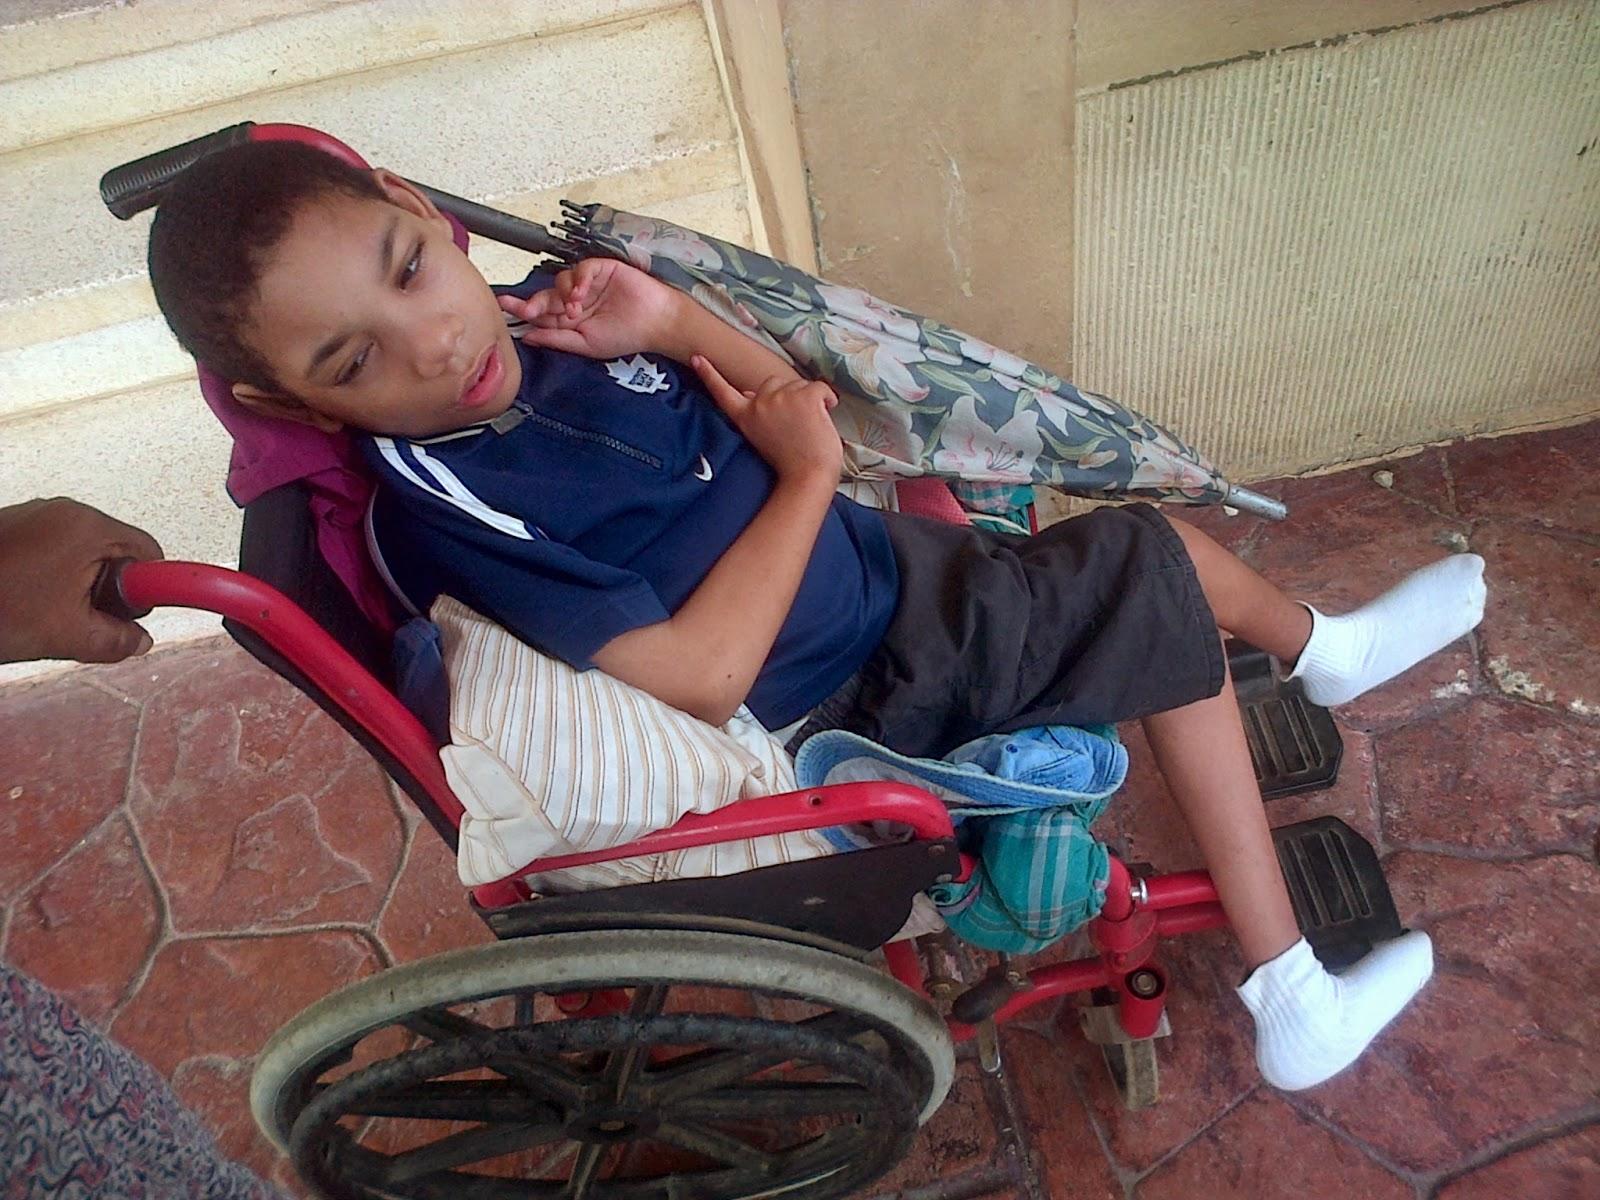 Noticias Se Crea Proyecto Contra Discapacitados